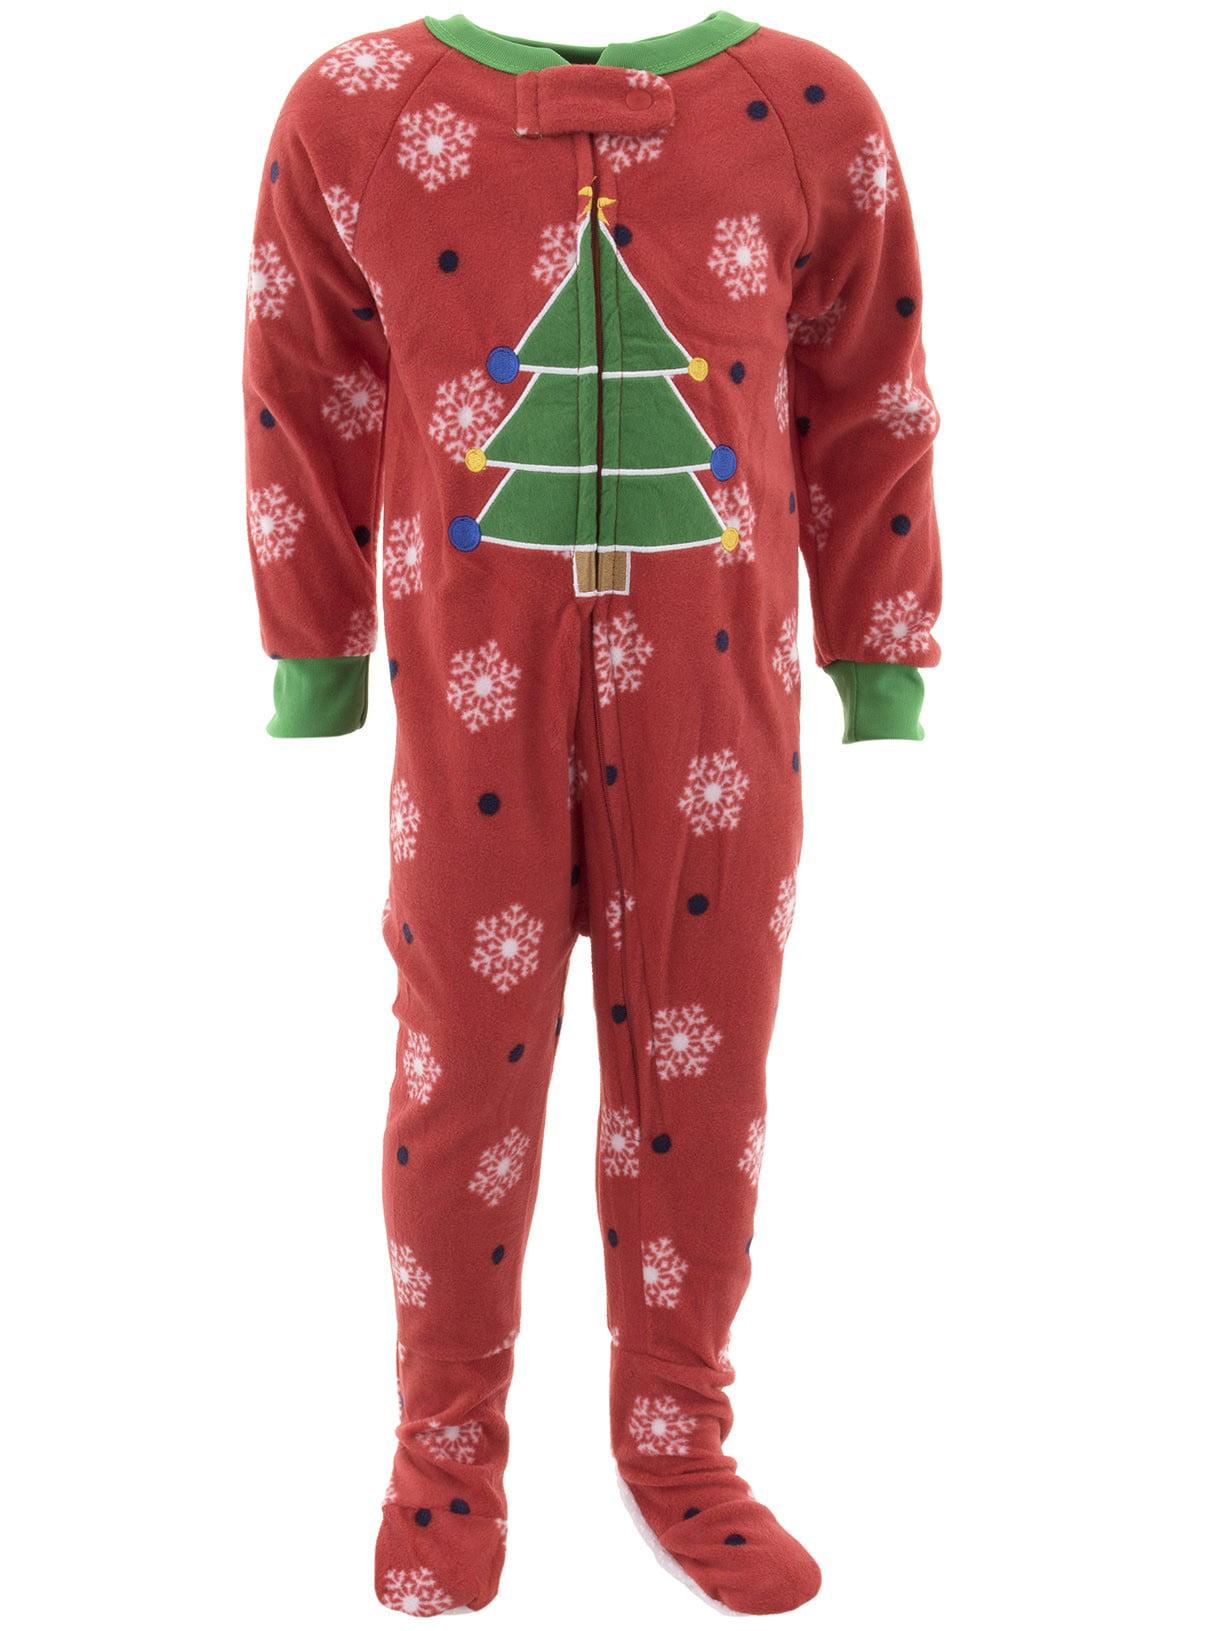 Mon Petit Boys Christmas Tree Red Footed Pajamas